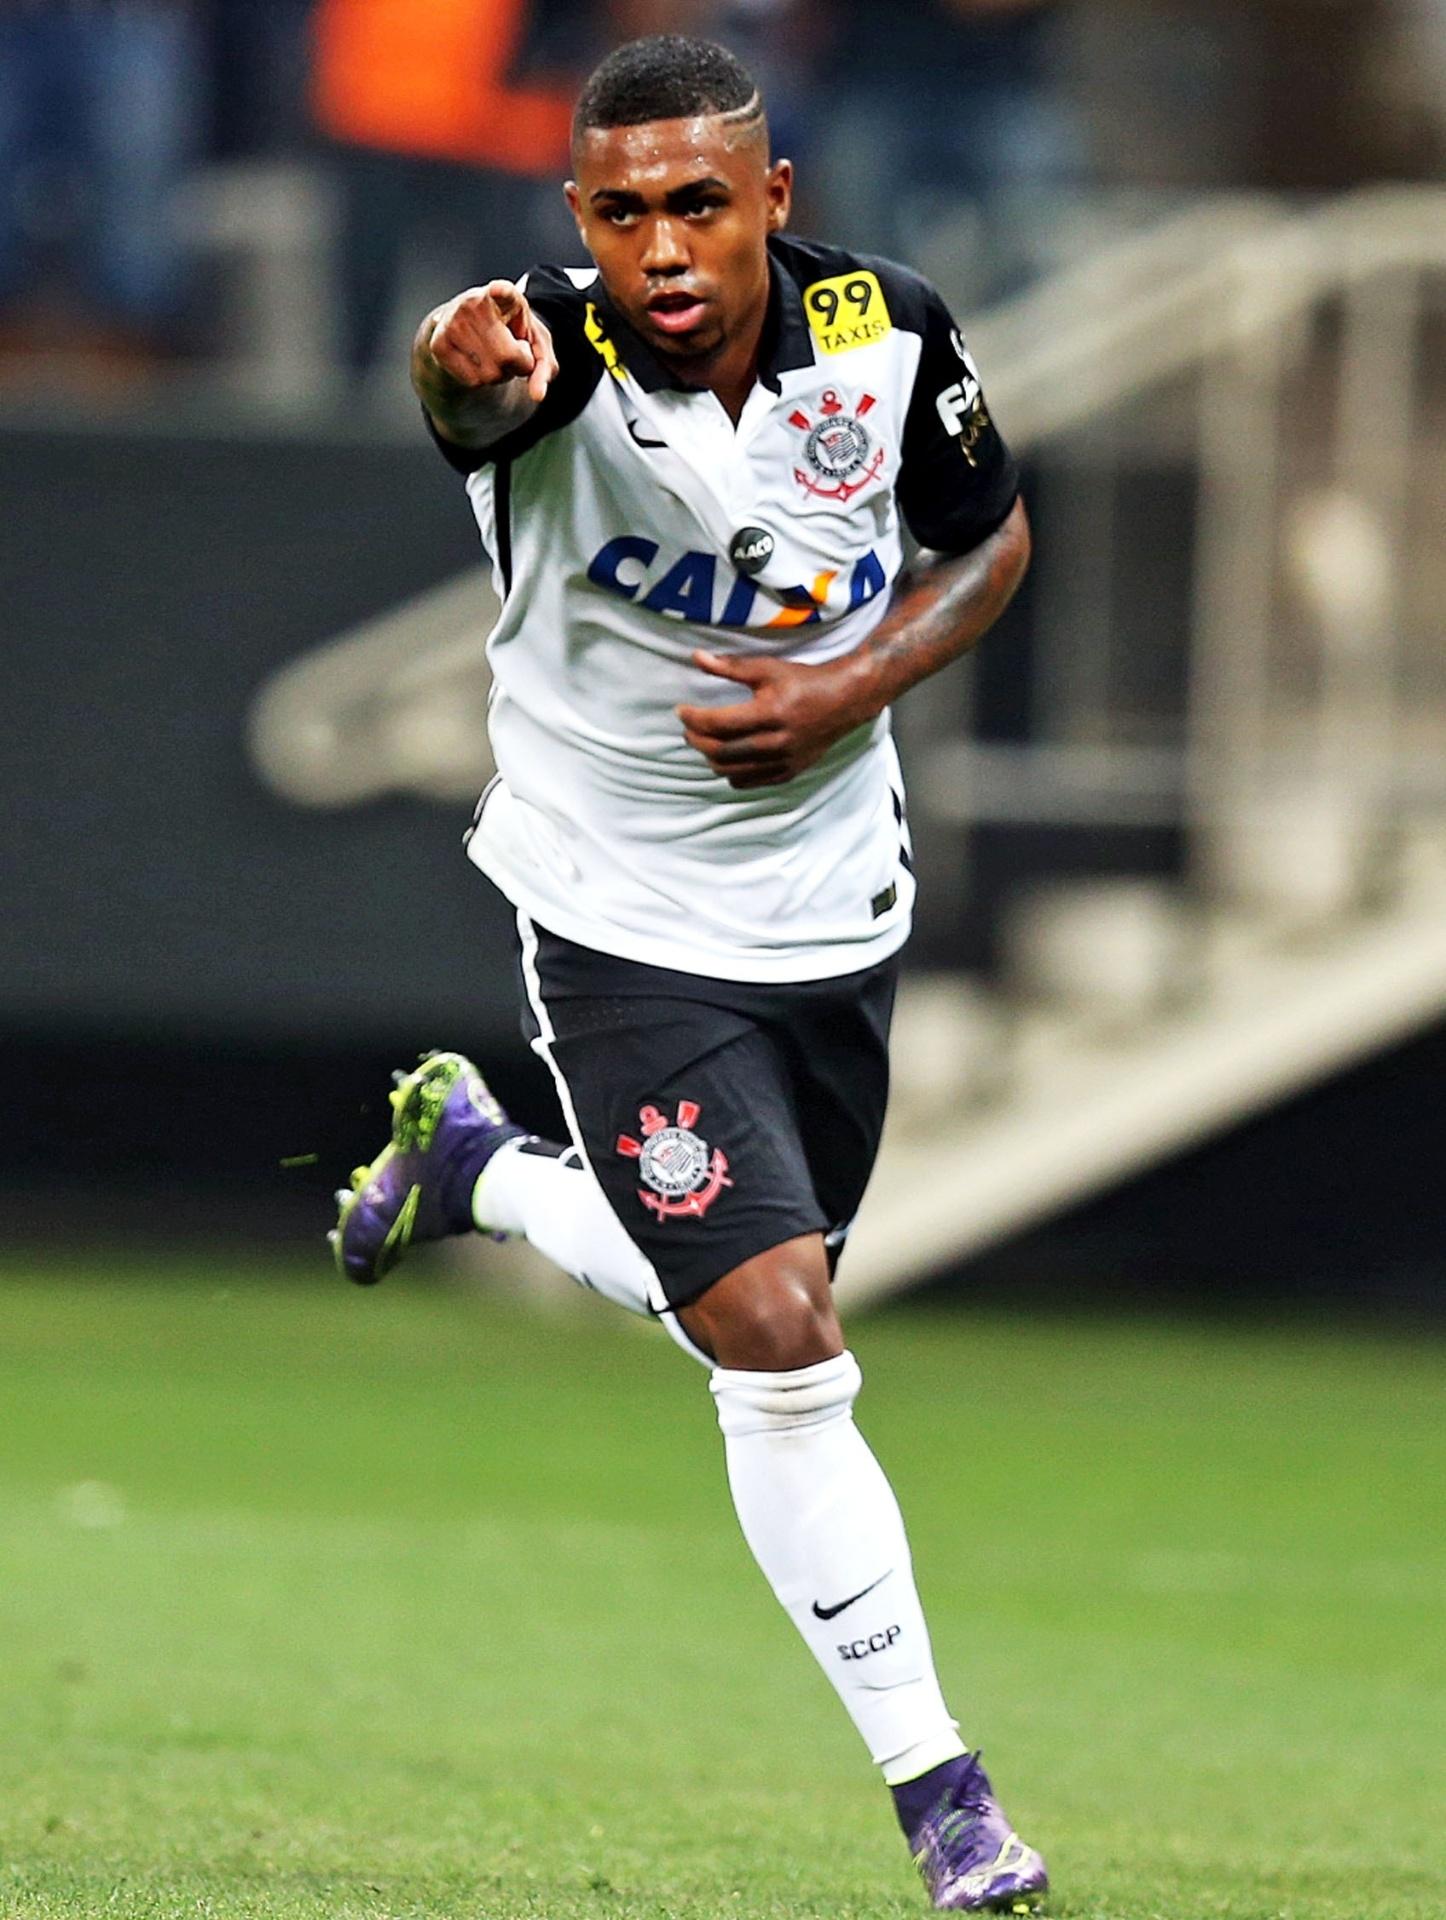 Malcom faz o segundo gol do Corinthians sobre o Goiás em partida pela 30ª rodada do Campeonato Brasileiro